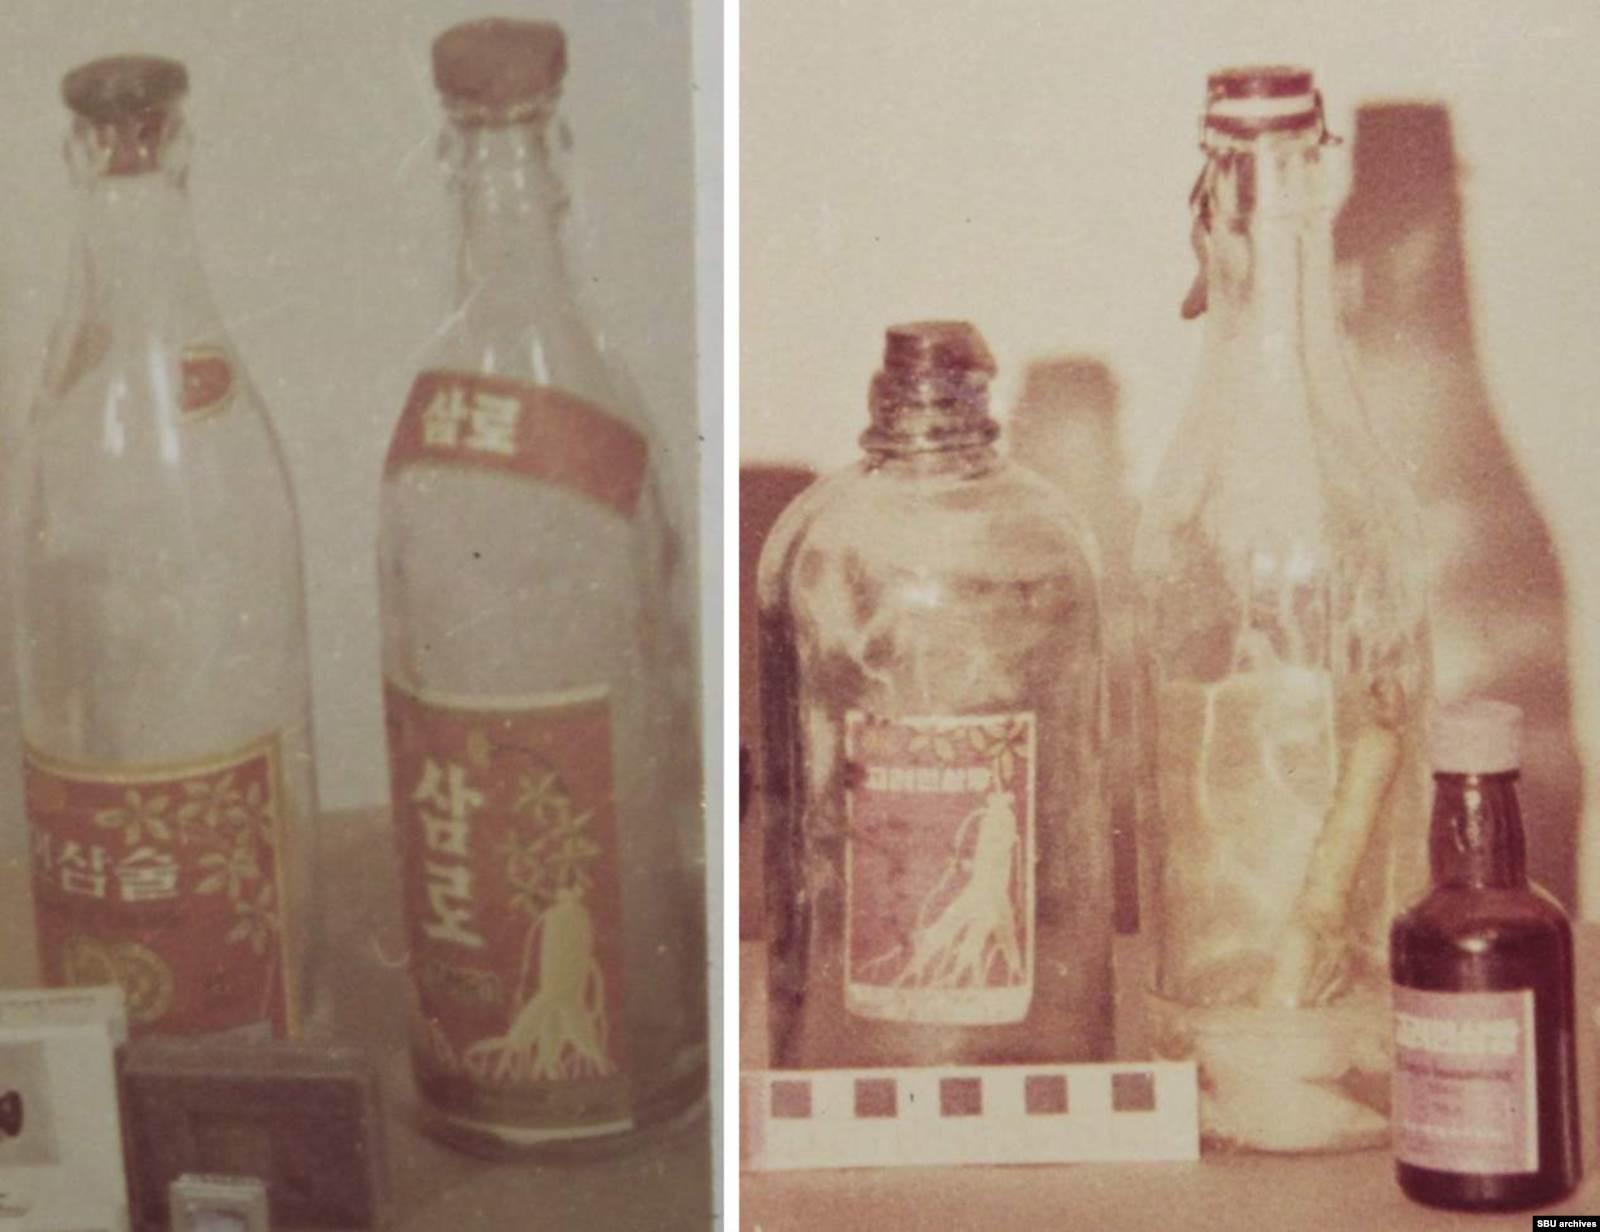 Бутылки из-под подаренных корейцами женьшеневой водки и экстракта. Фото из уголовного дела